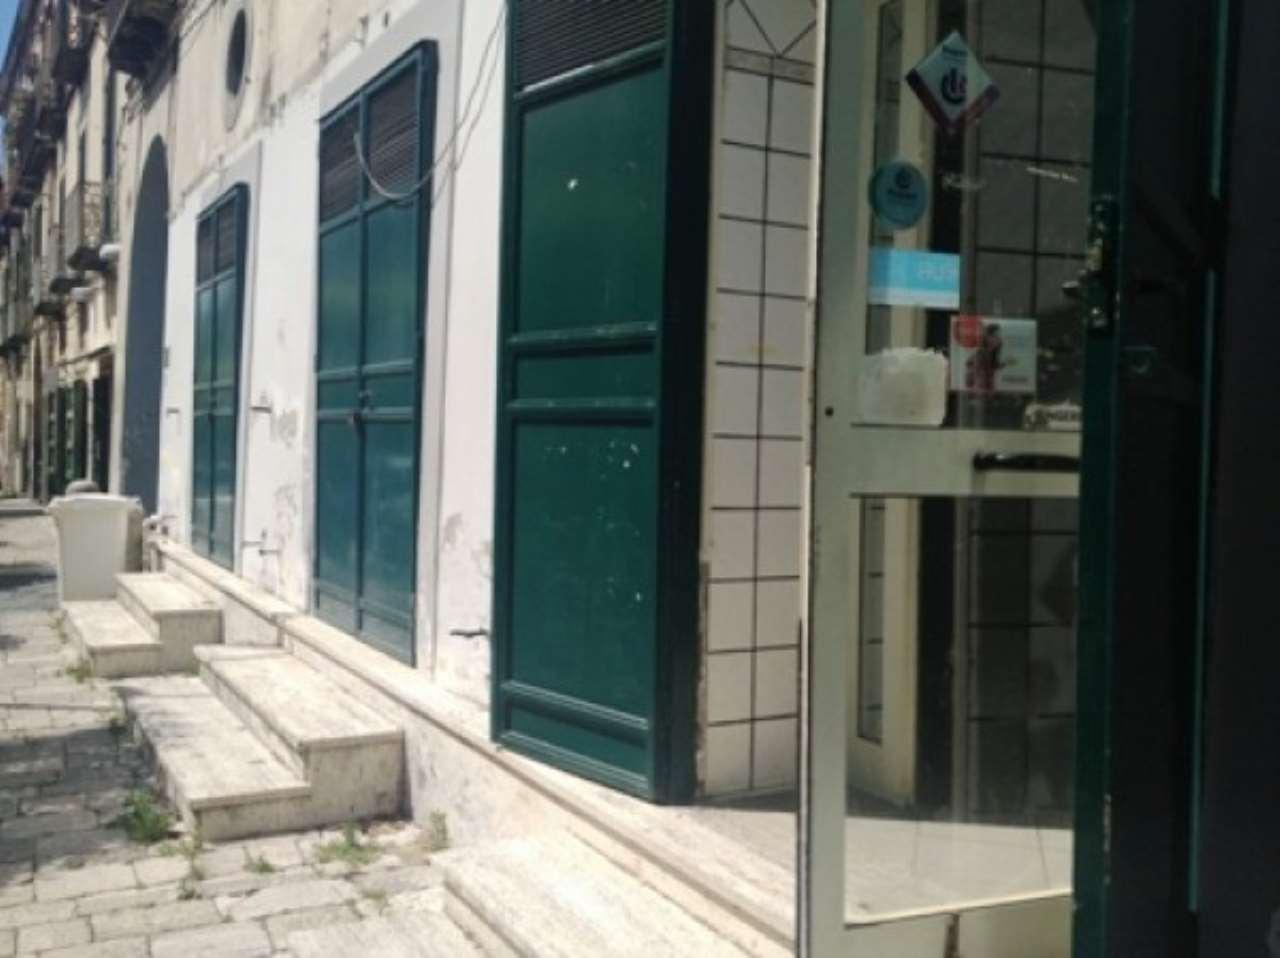 Locale Commerciale Comune di San Paolo Bel Sito Rif. 4997816